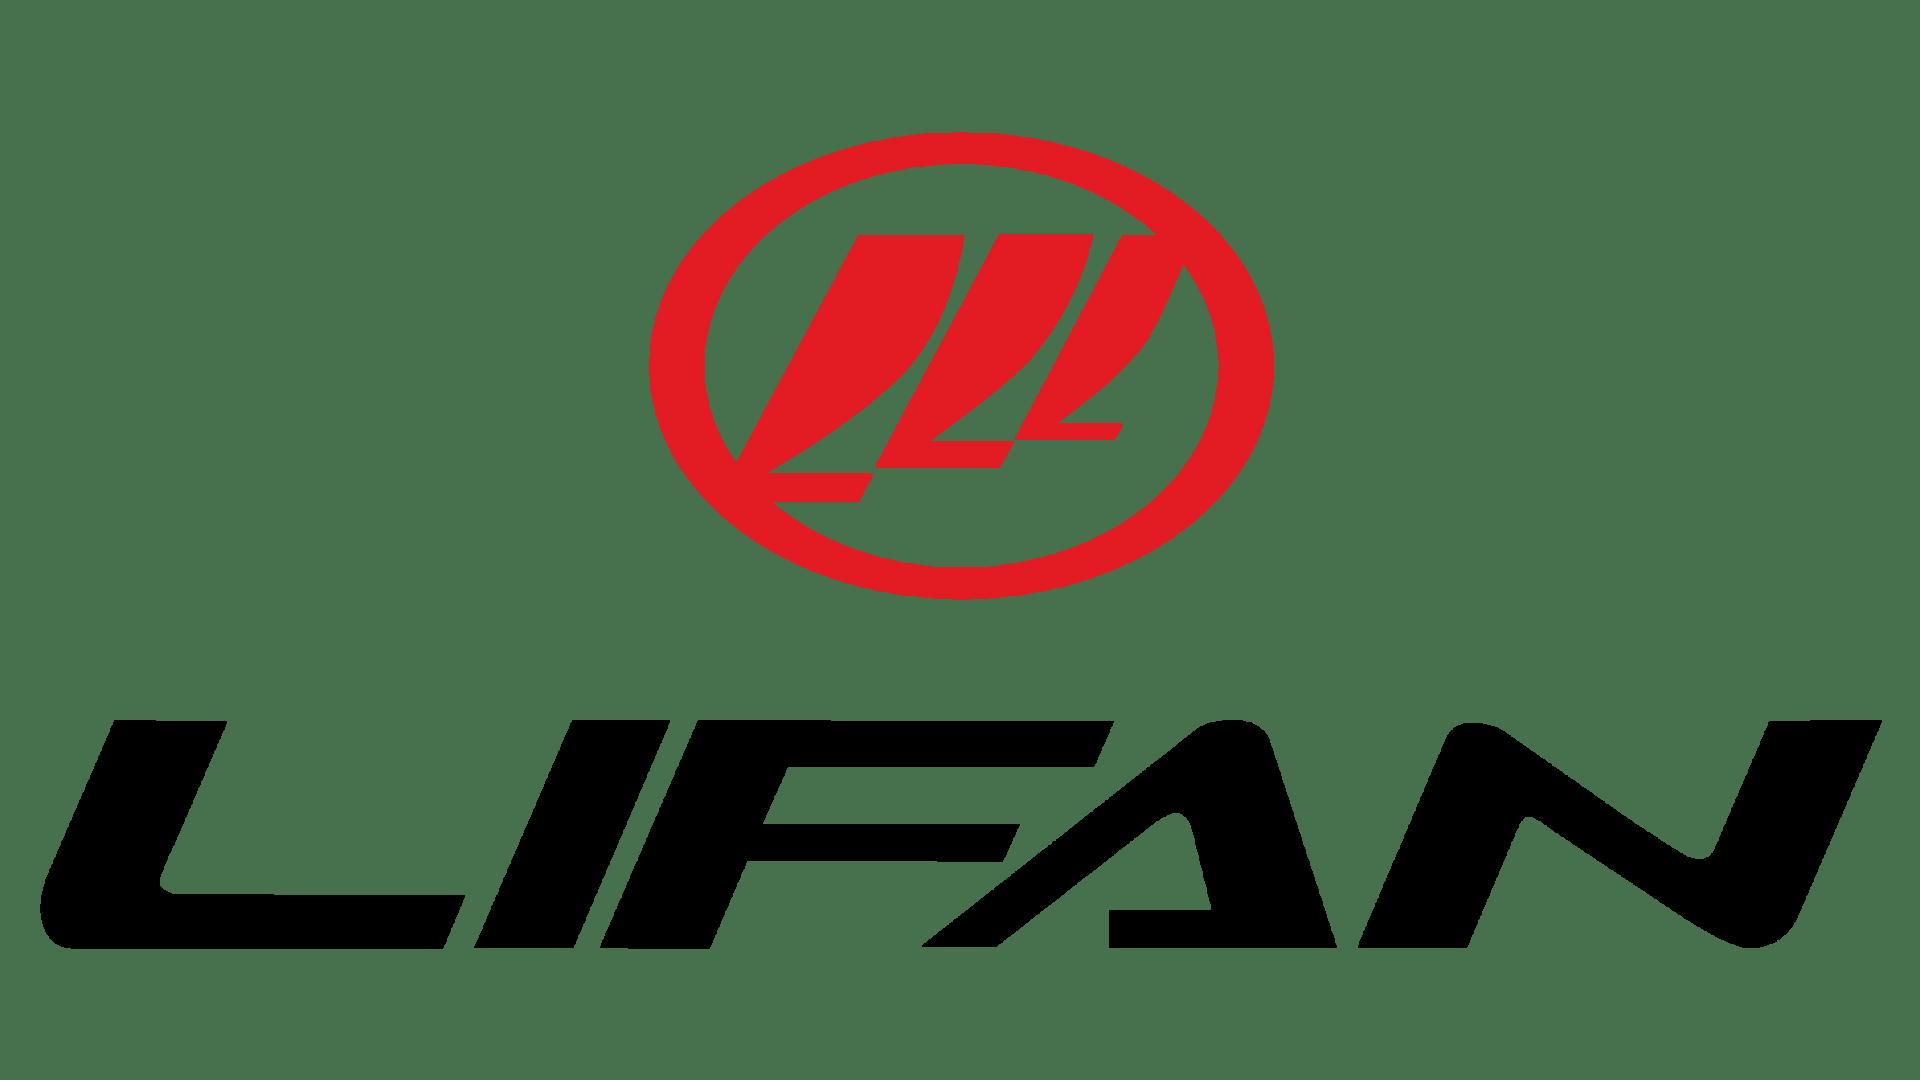 Логотип Lifan